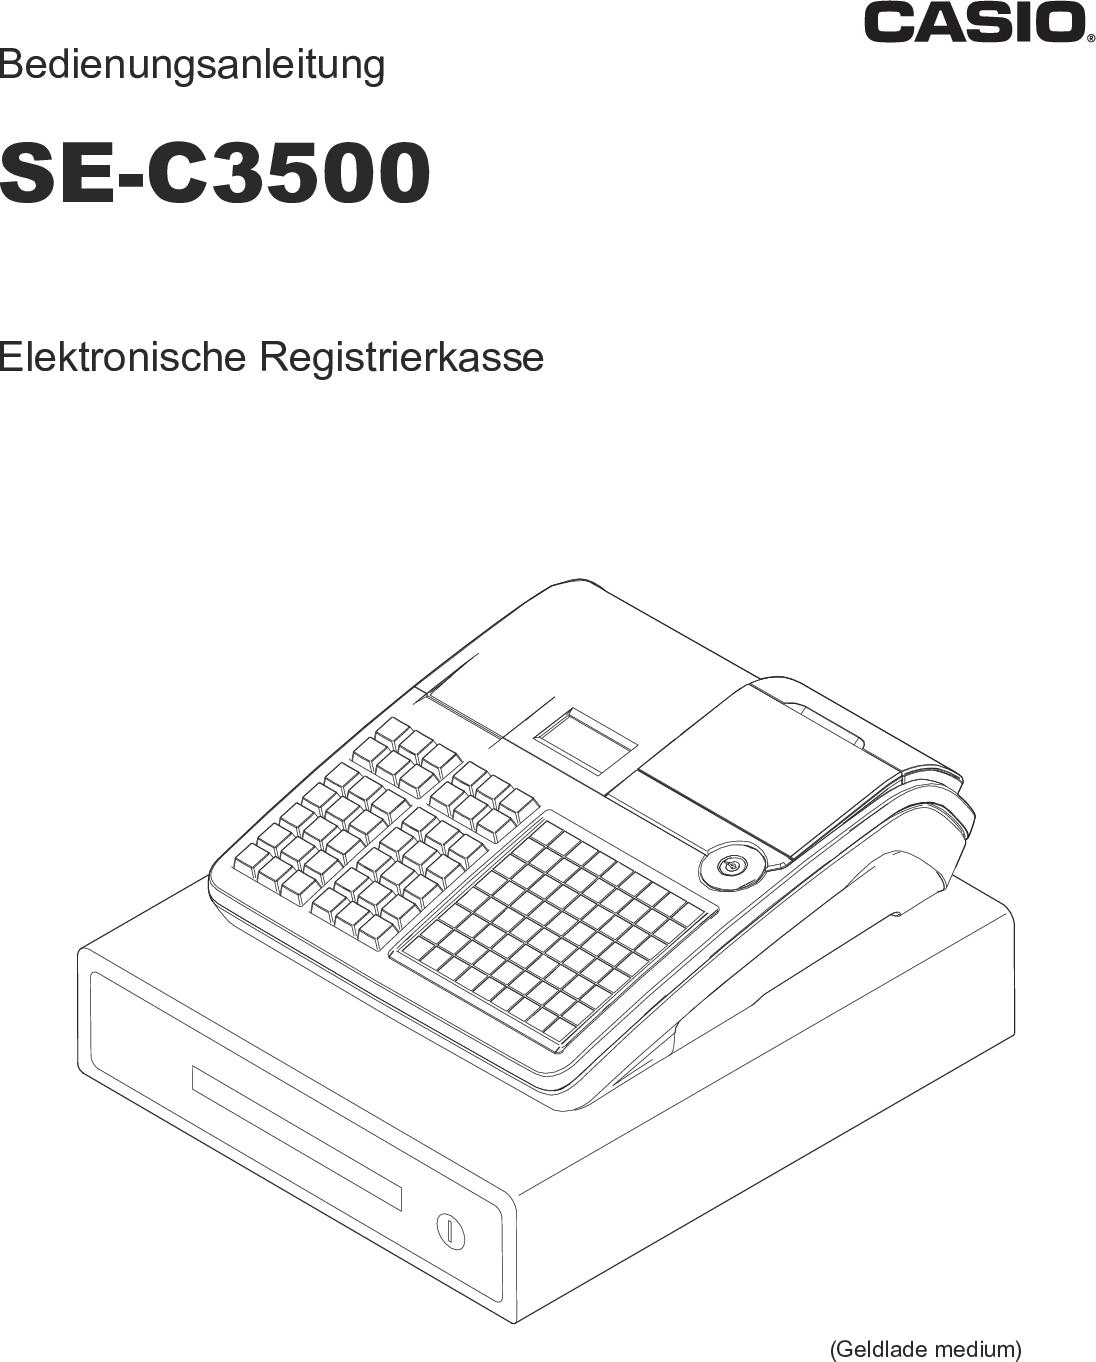 Casio SE C3500_EU C3500 EU DE